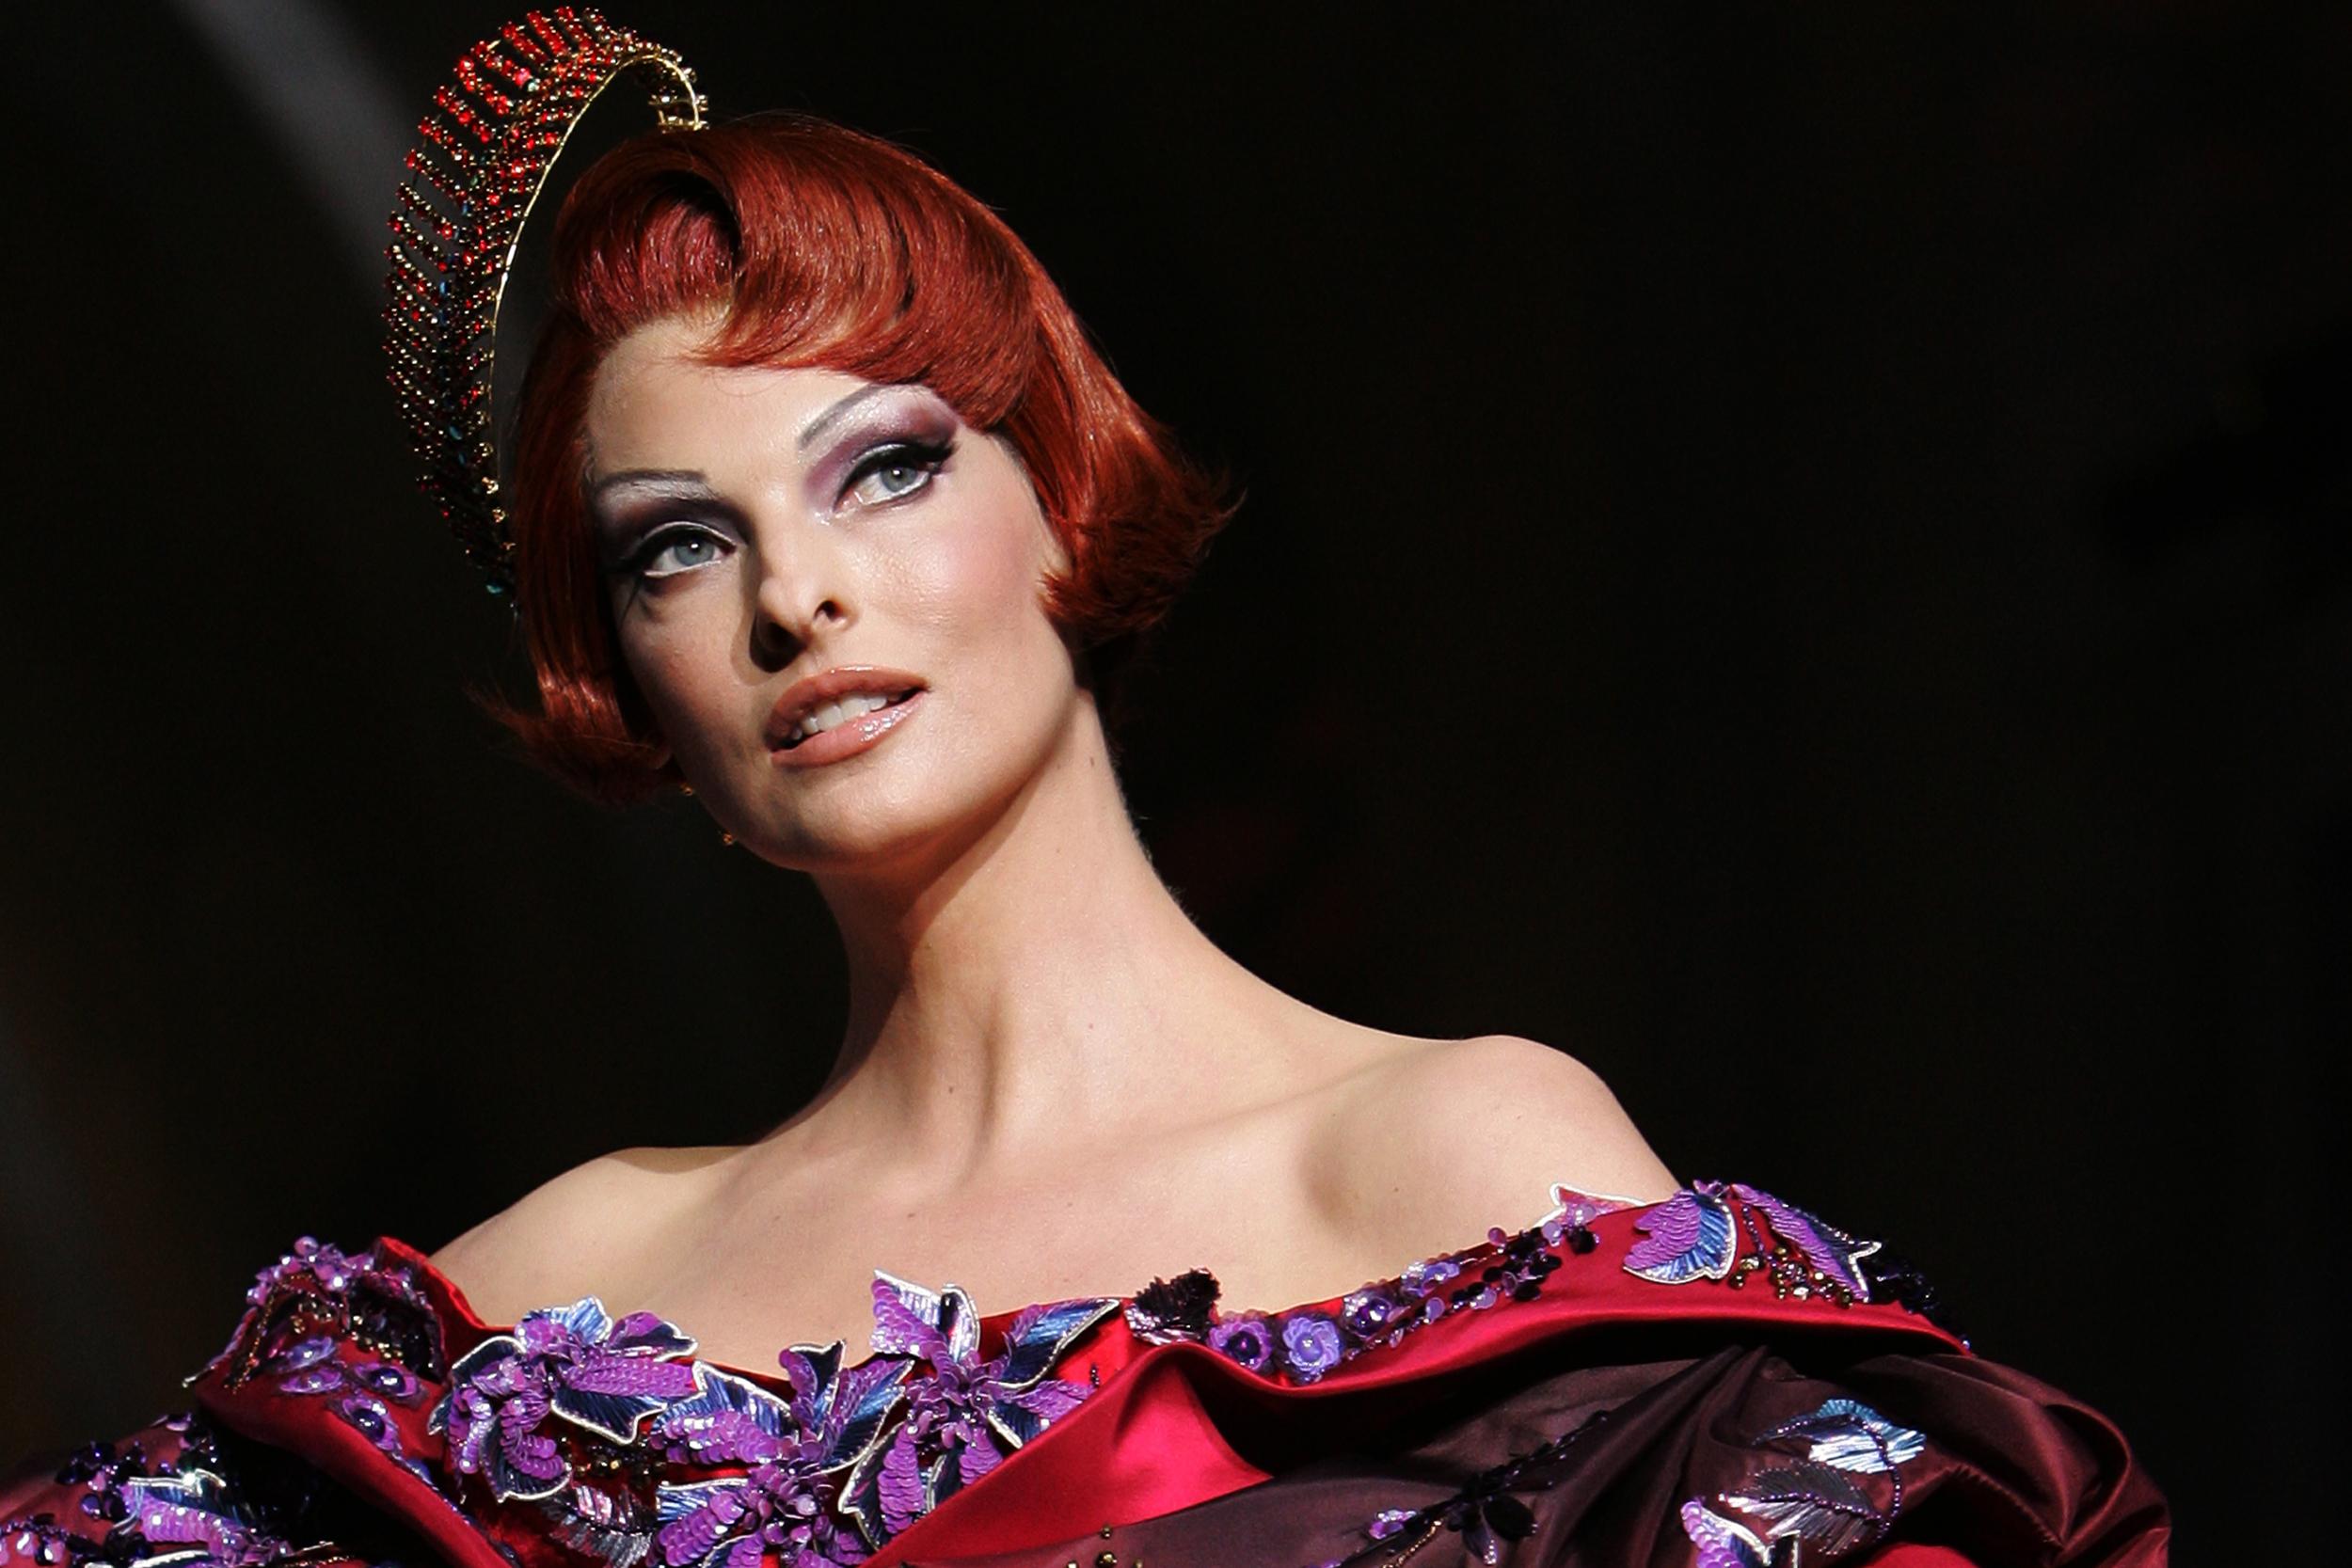 Supermodel Linda Evangelista sues CoolSculpting owner, alleges procedure disfigured her